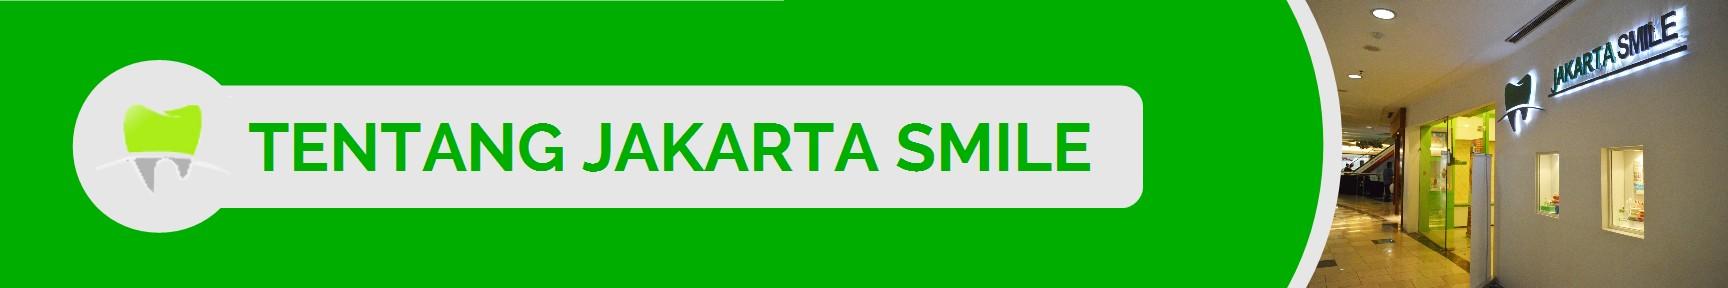 Tentang Jakarta Smile